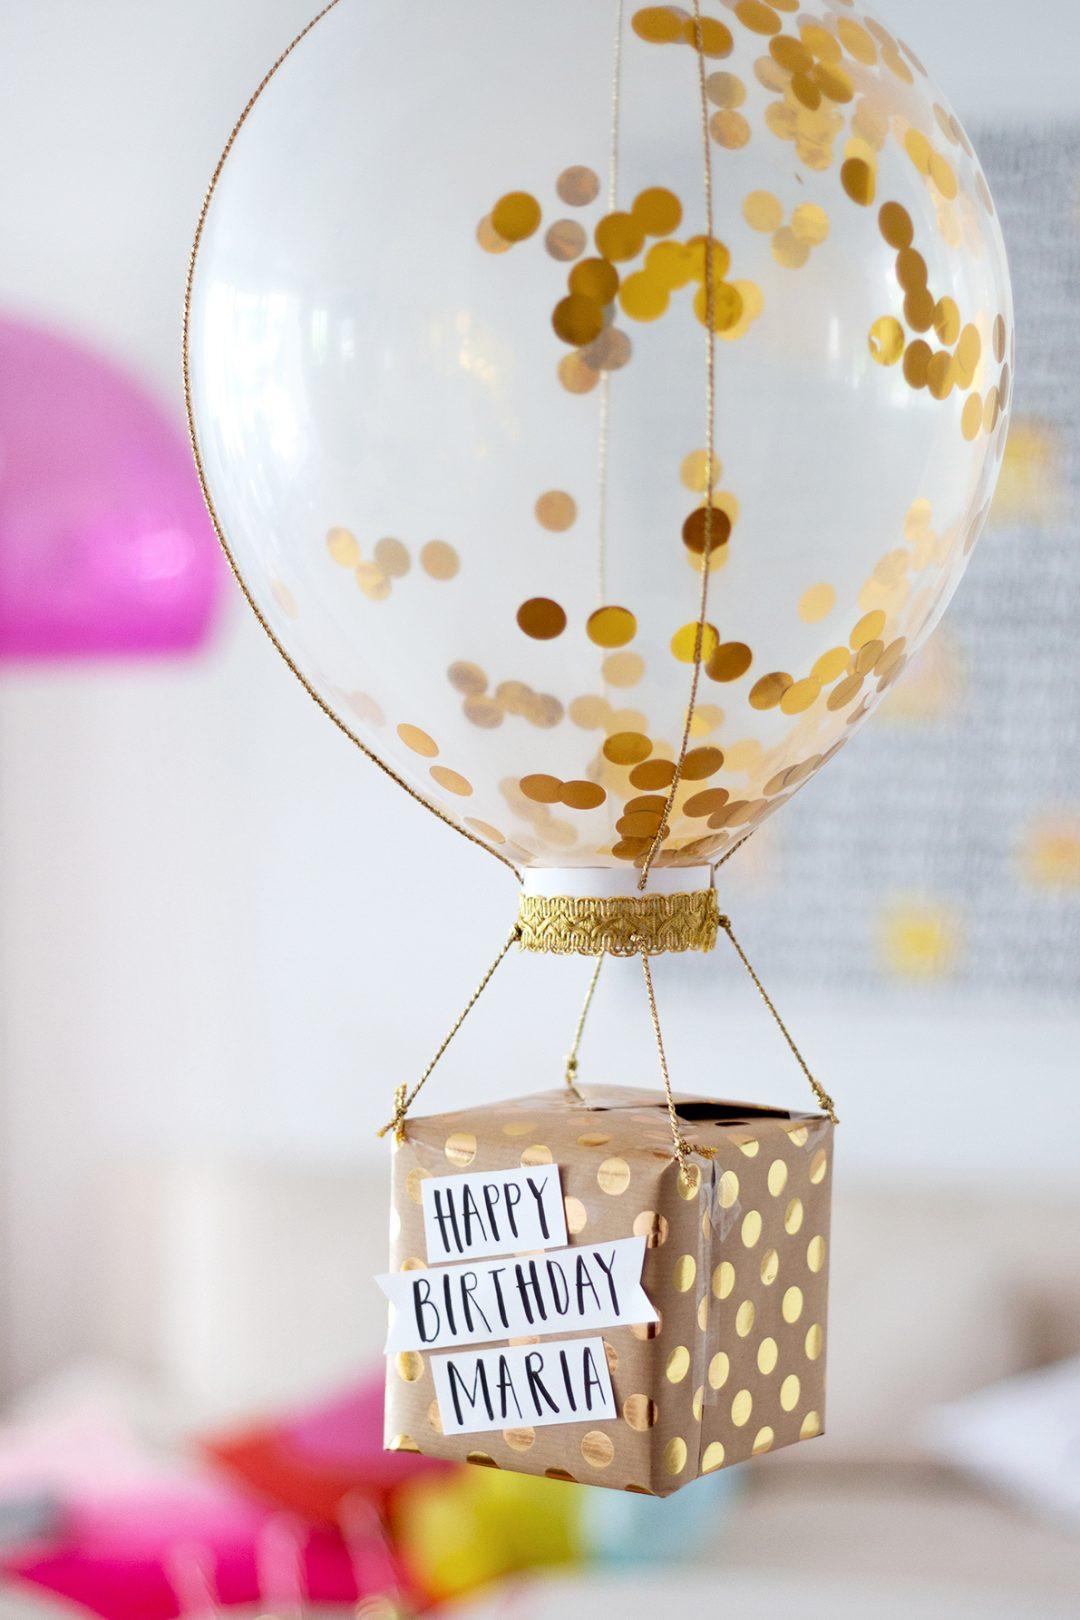 Besondere Geschenke Zum Geburtstag  Geburtstagsgeschenke selber machen Drei DIY Ideen •